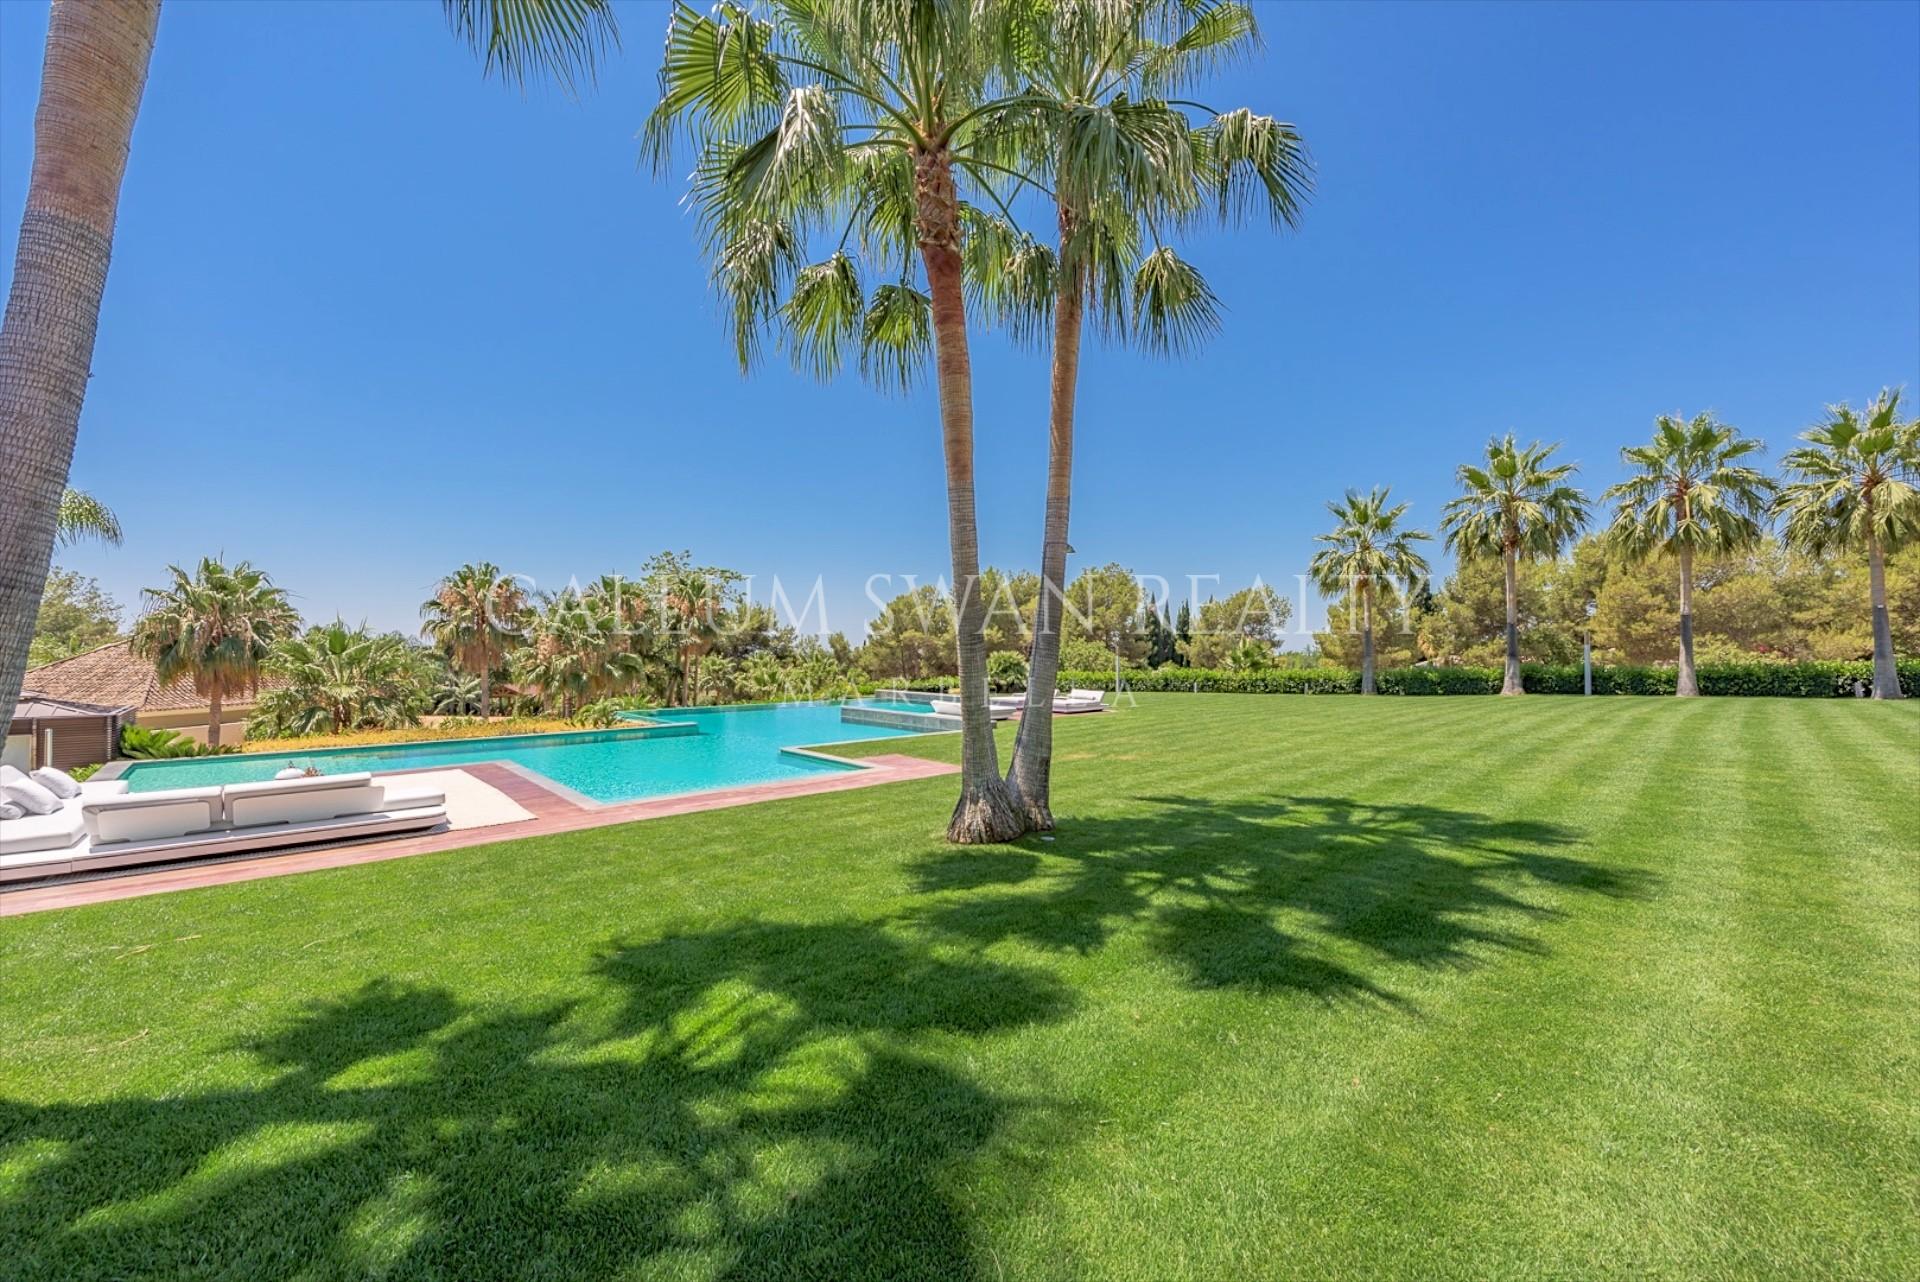 Property for sale in Sierra Blanca - CSR00341